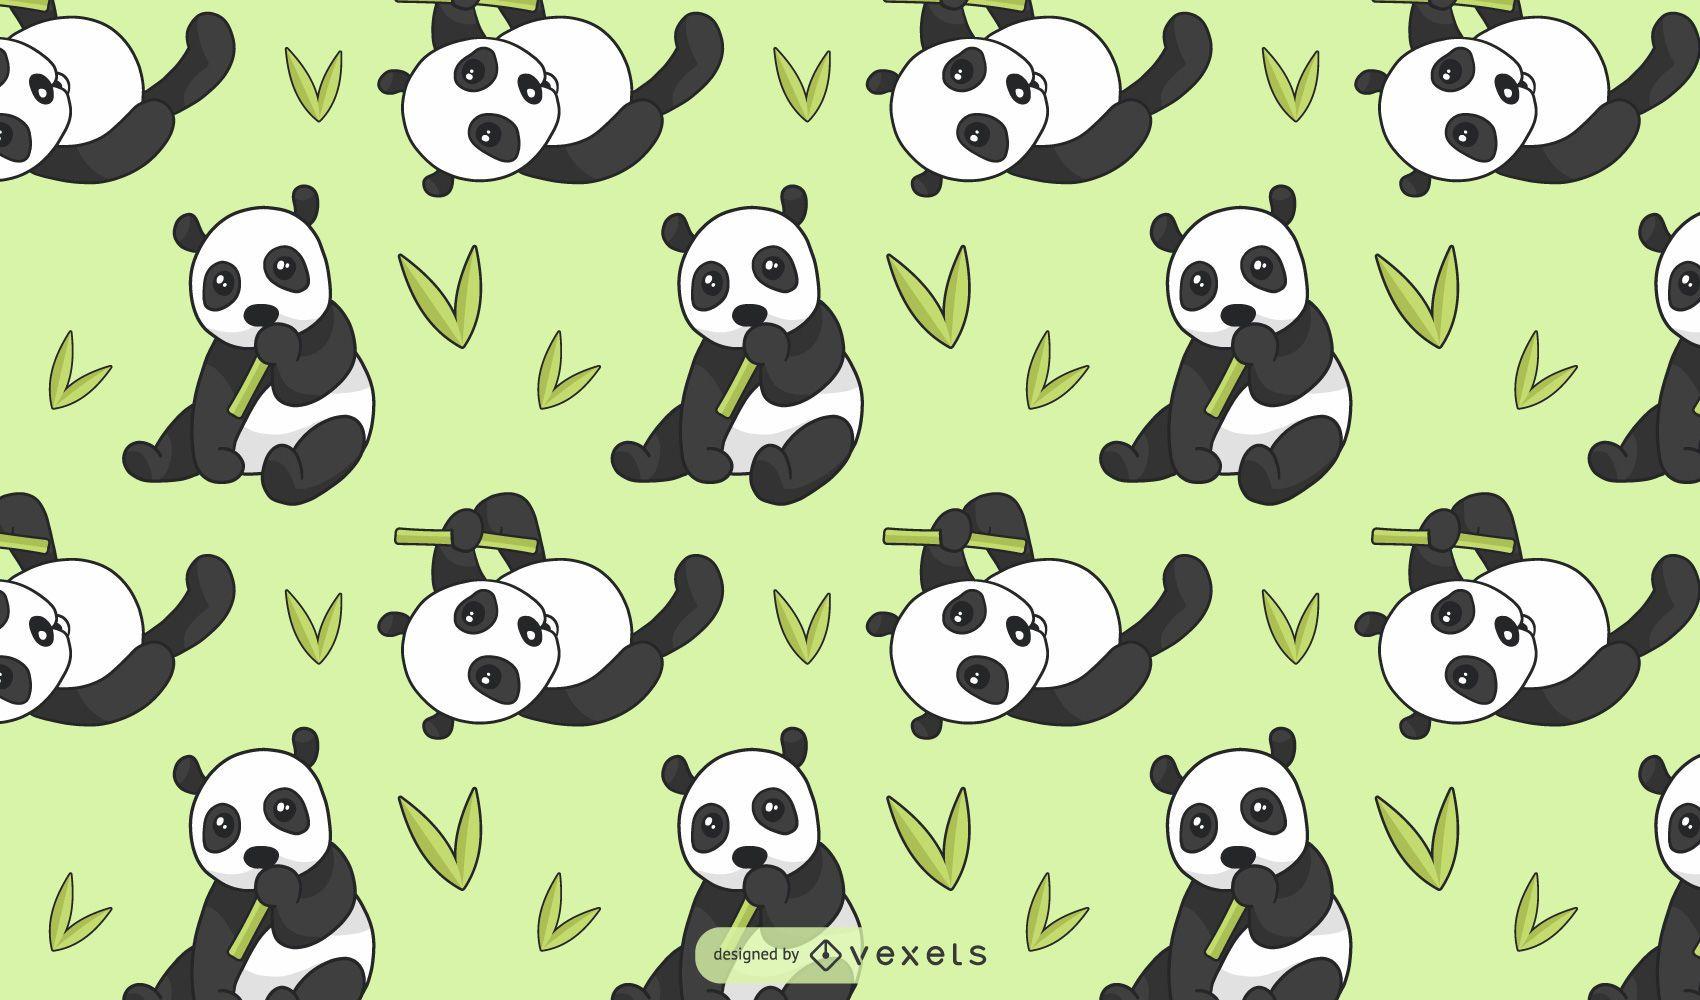 Lindo dise?o de patr?n de oso panda